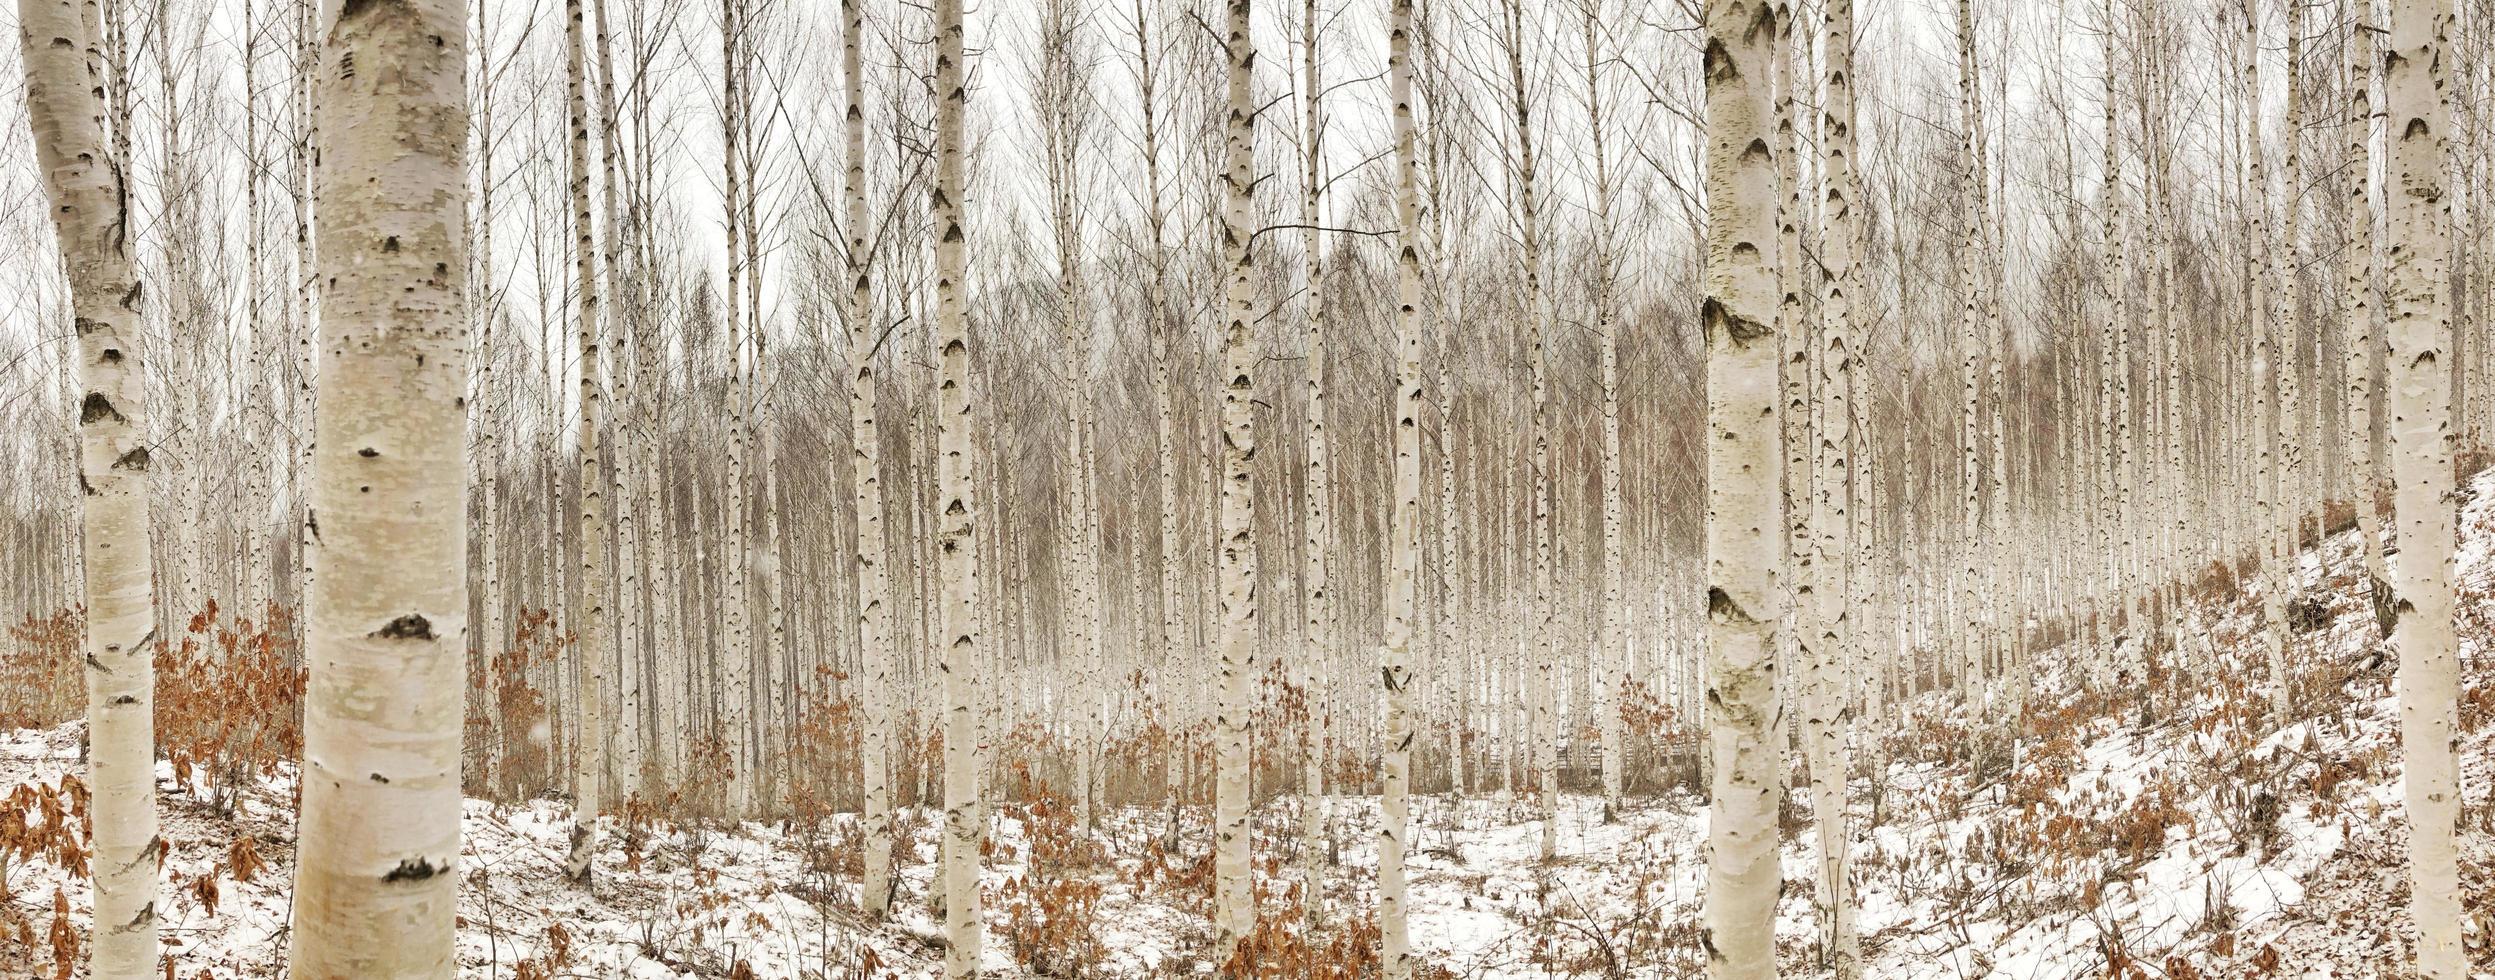 berkenbomen in de winter foto